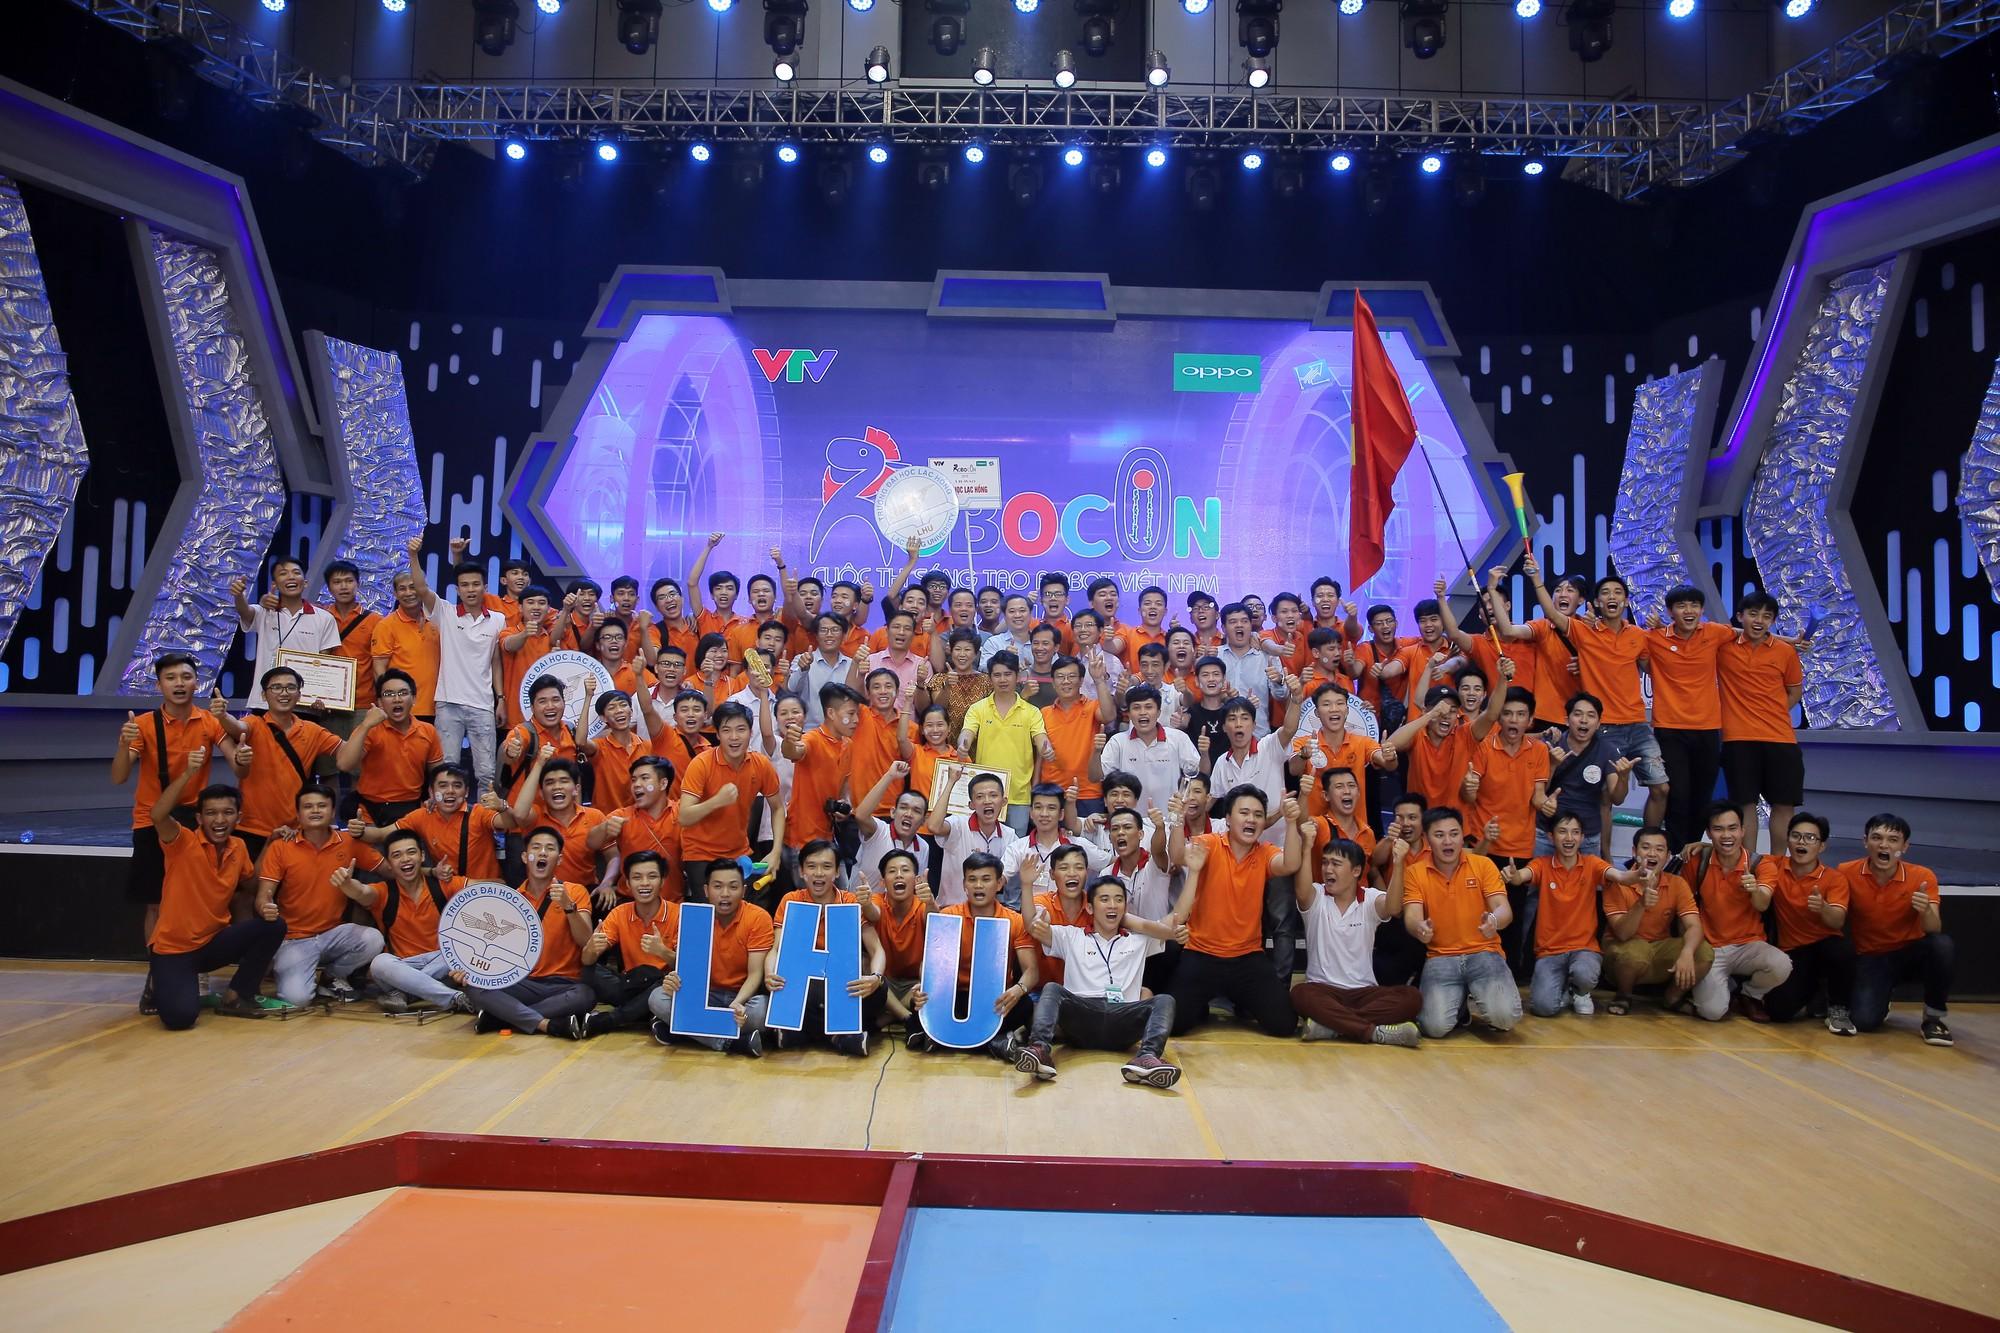 Đội tuyển Việt Nam đã chinh phục ABU Robocon 2019 như thế nào? - Ảnh 4.